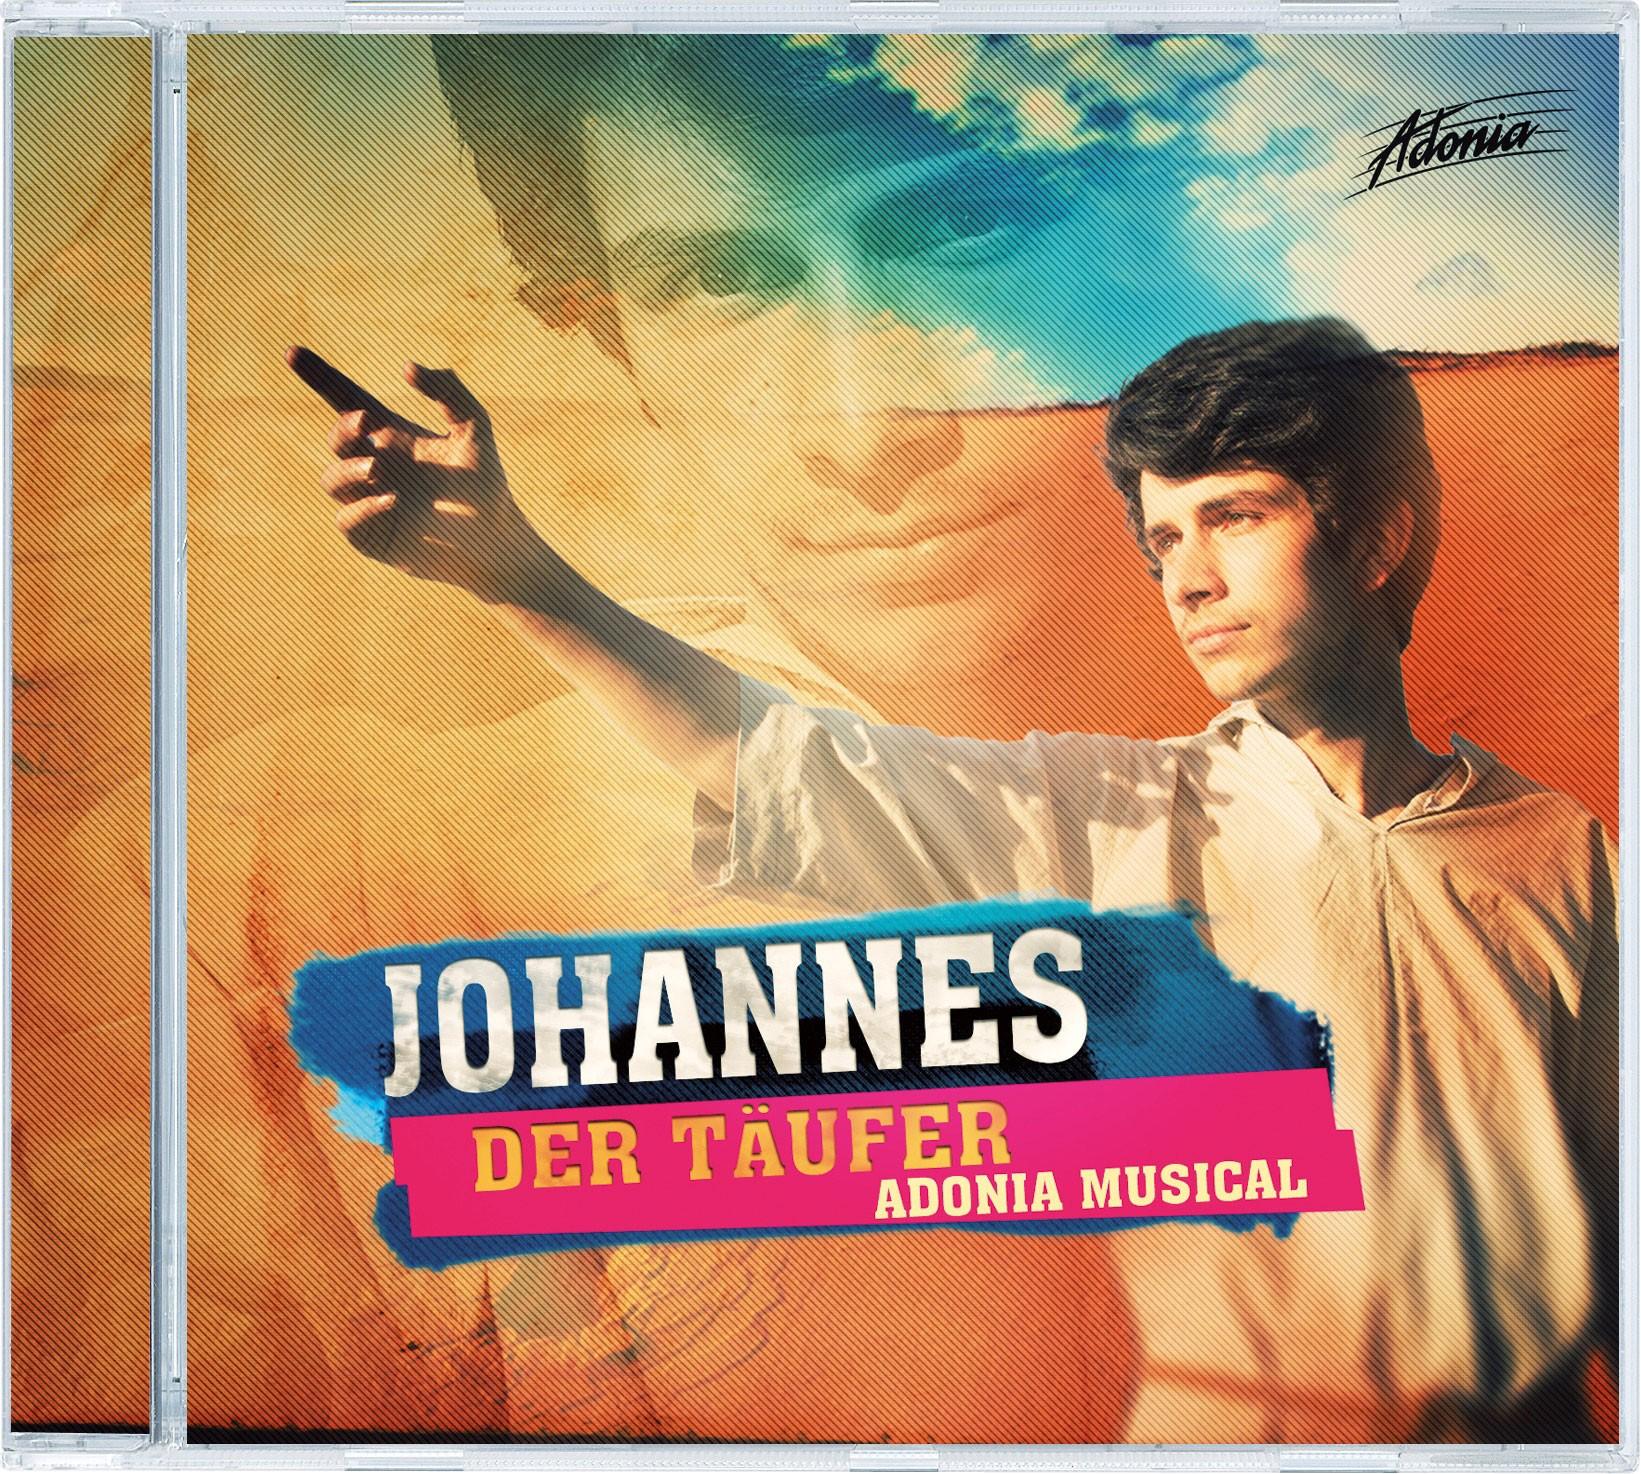 Album - Johannes der Täufer